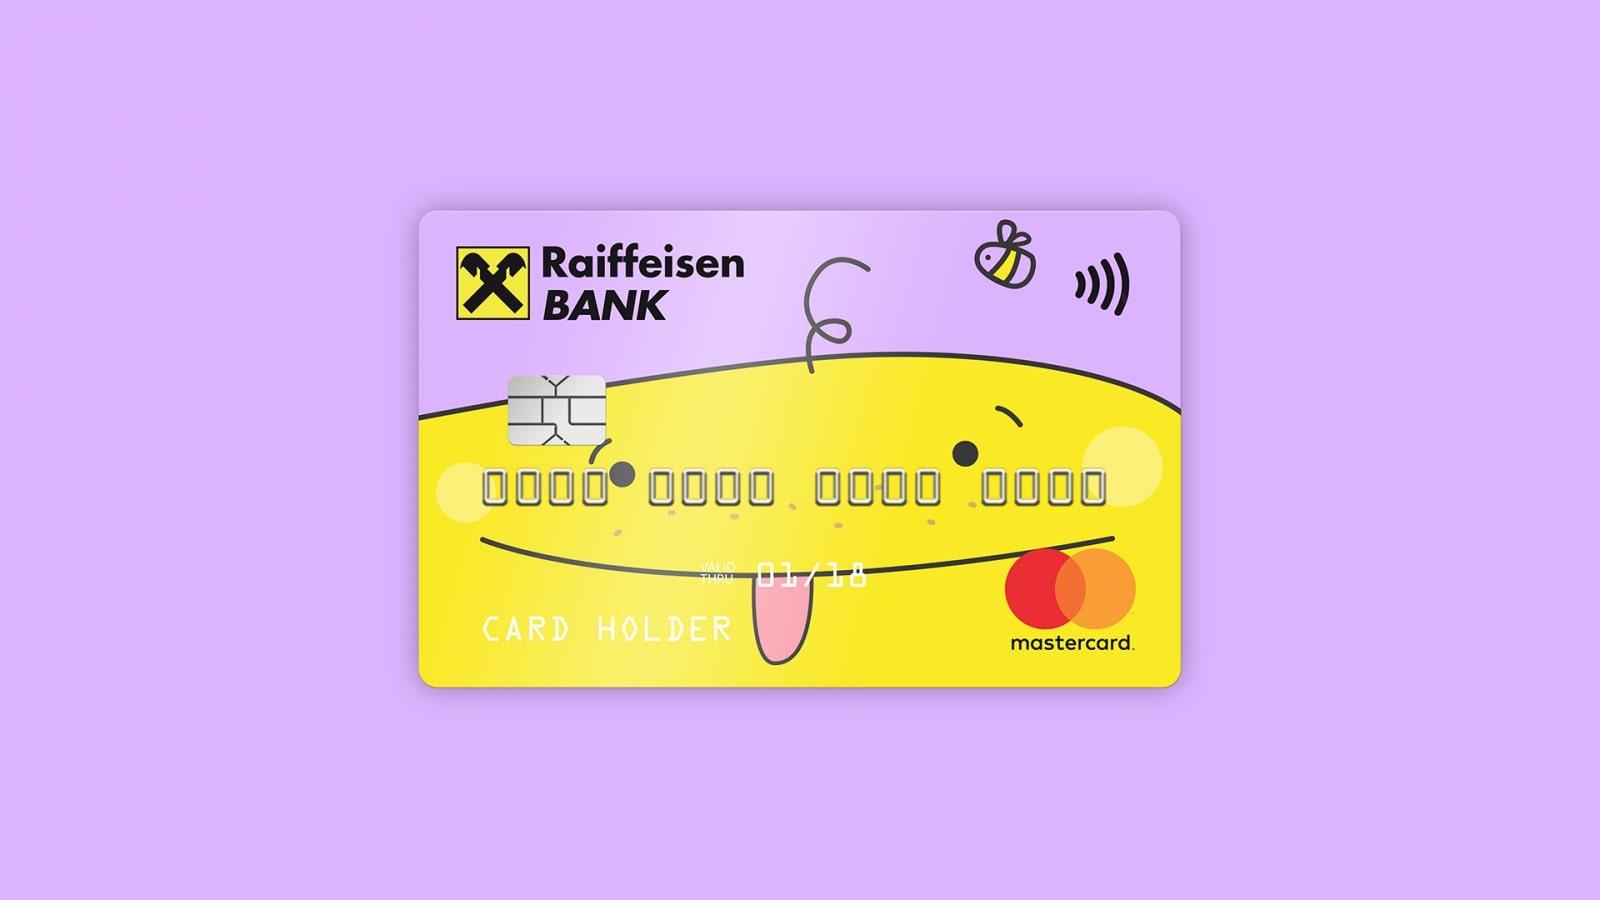 банк райффайзен карты с кэшбеком агентство по рефинансированию микрозаймов спб